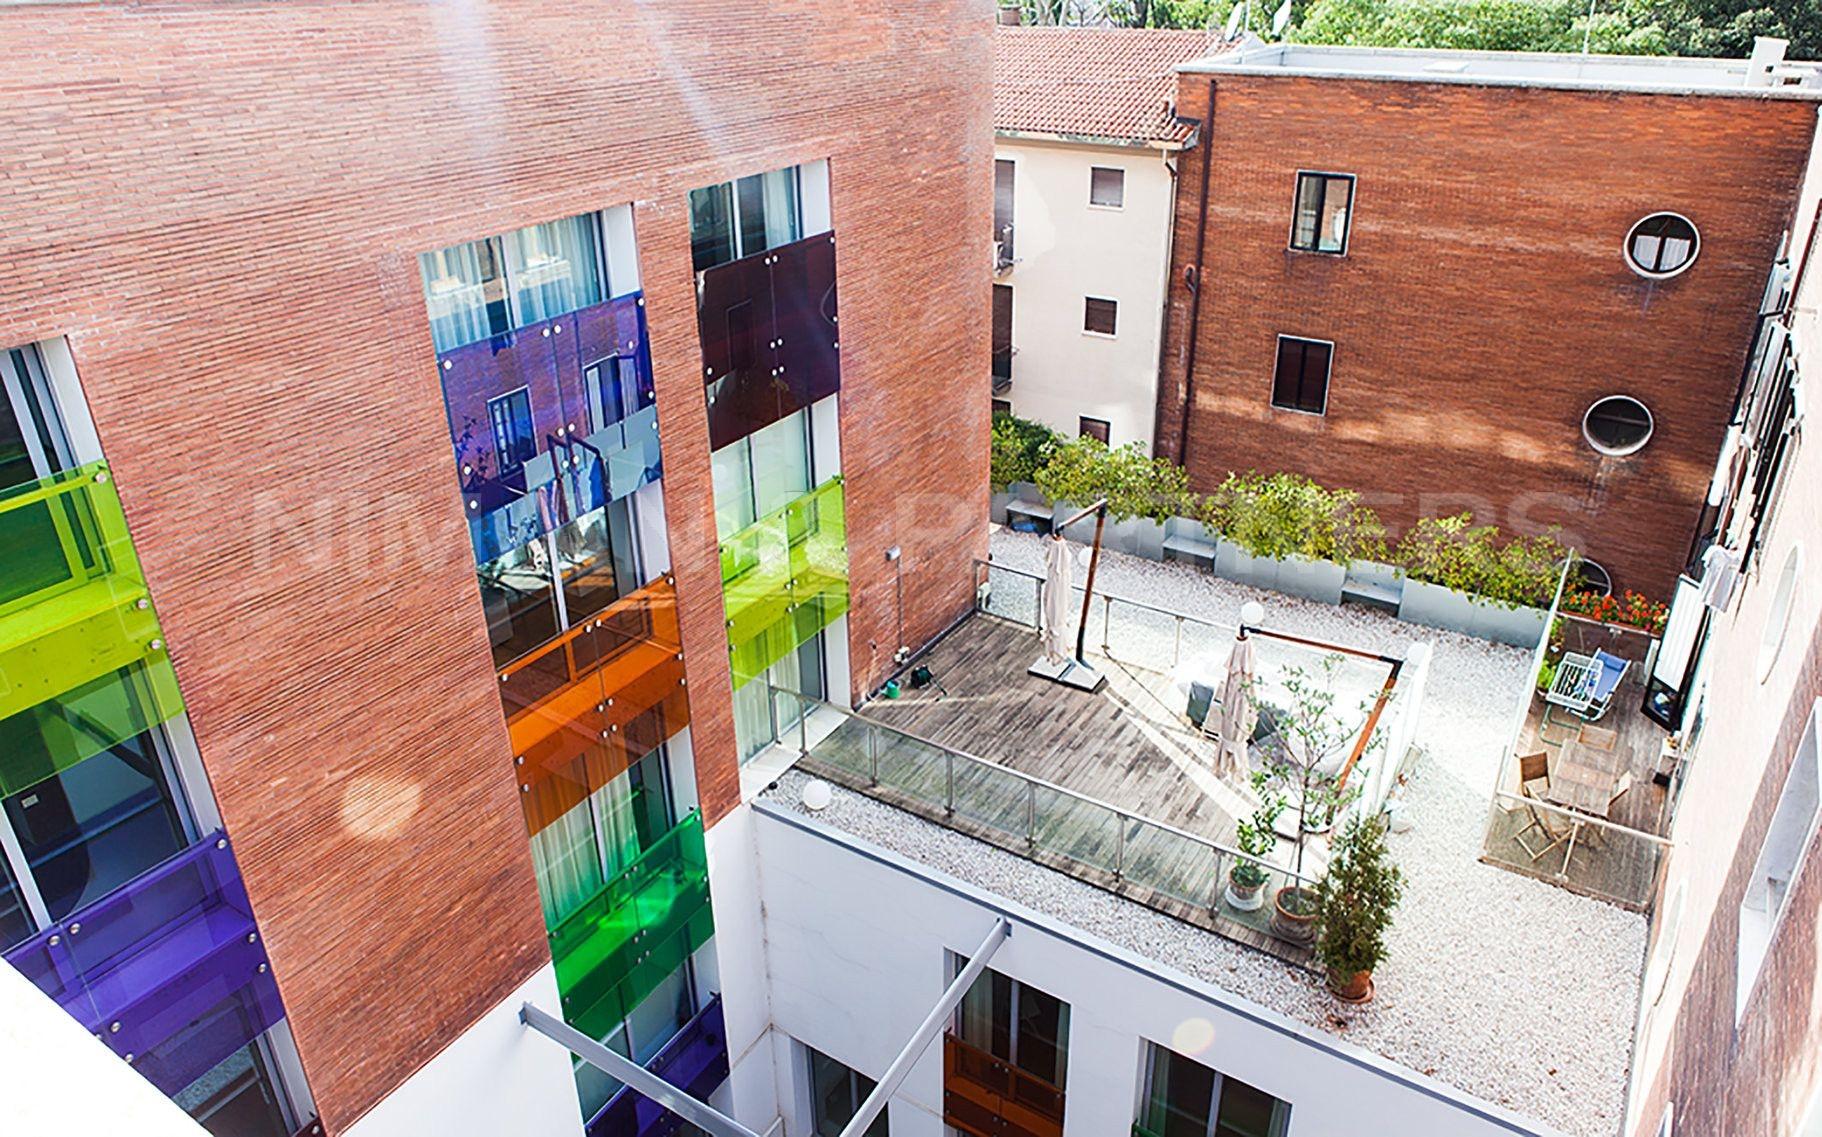 Appartamento in vendita a Venezia, 3 locali, zona Zona: 3 . Cannaregio, prezzo € 545.000 | Cambio Casa.it